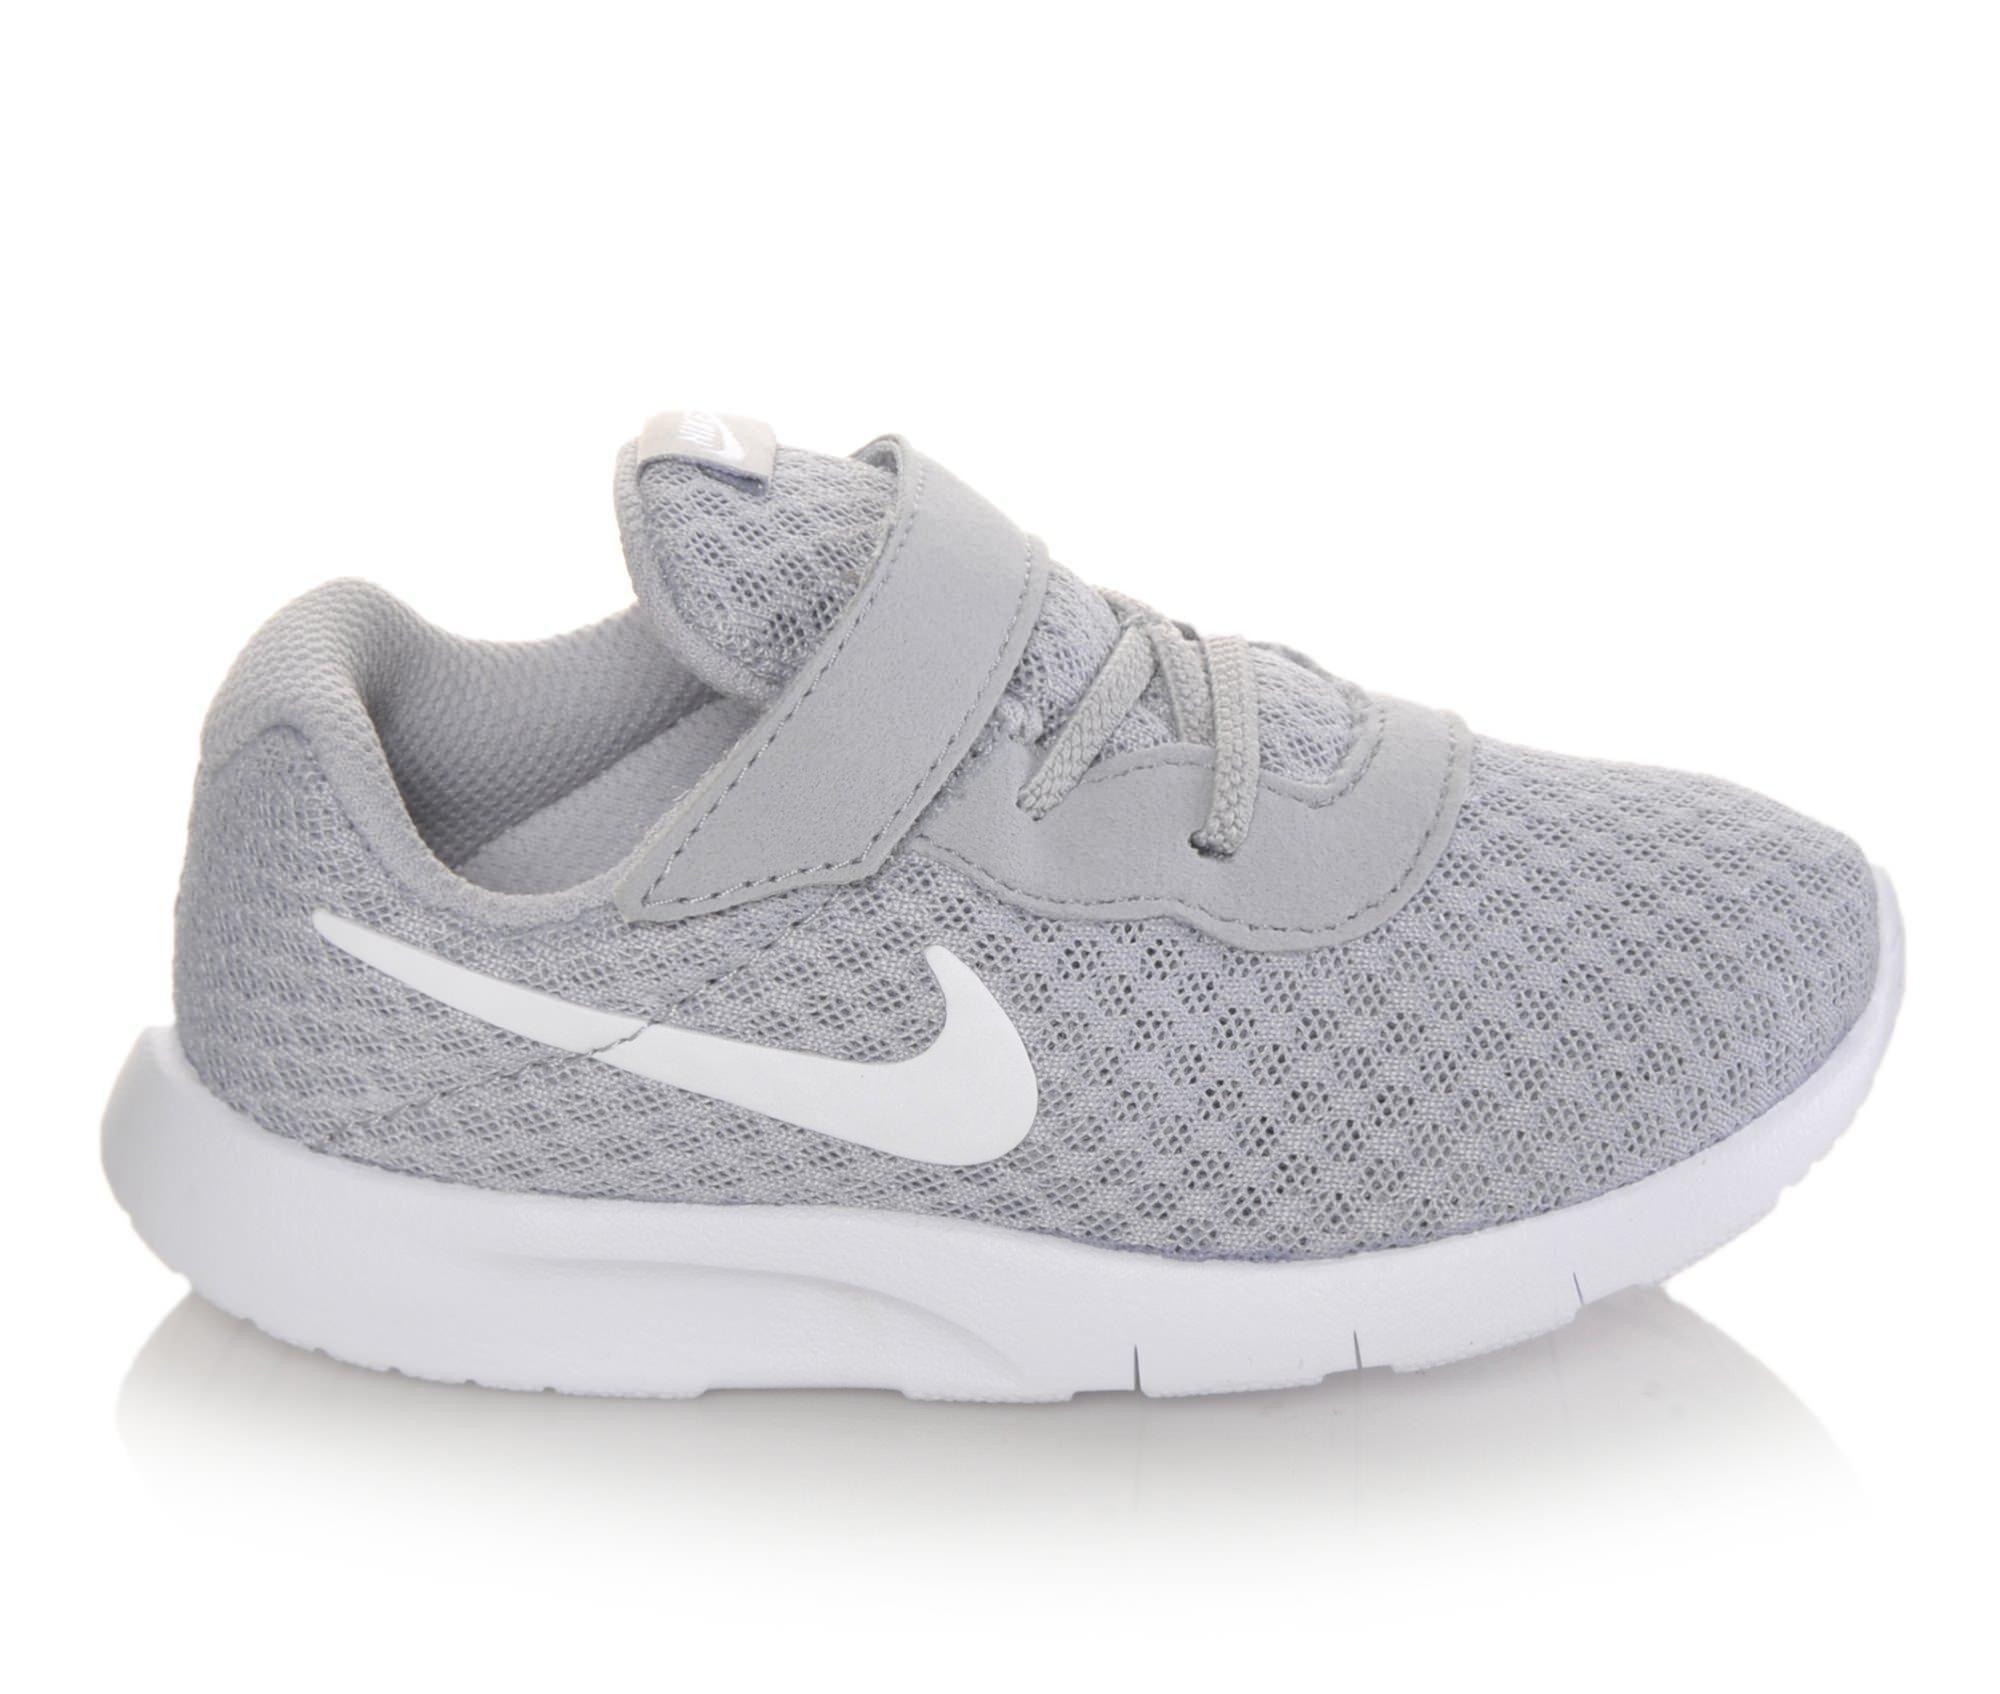 Kids' Nike Infant & Toddler Tanjun Sneakers